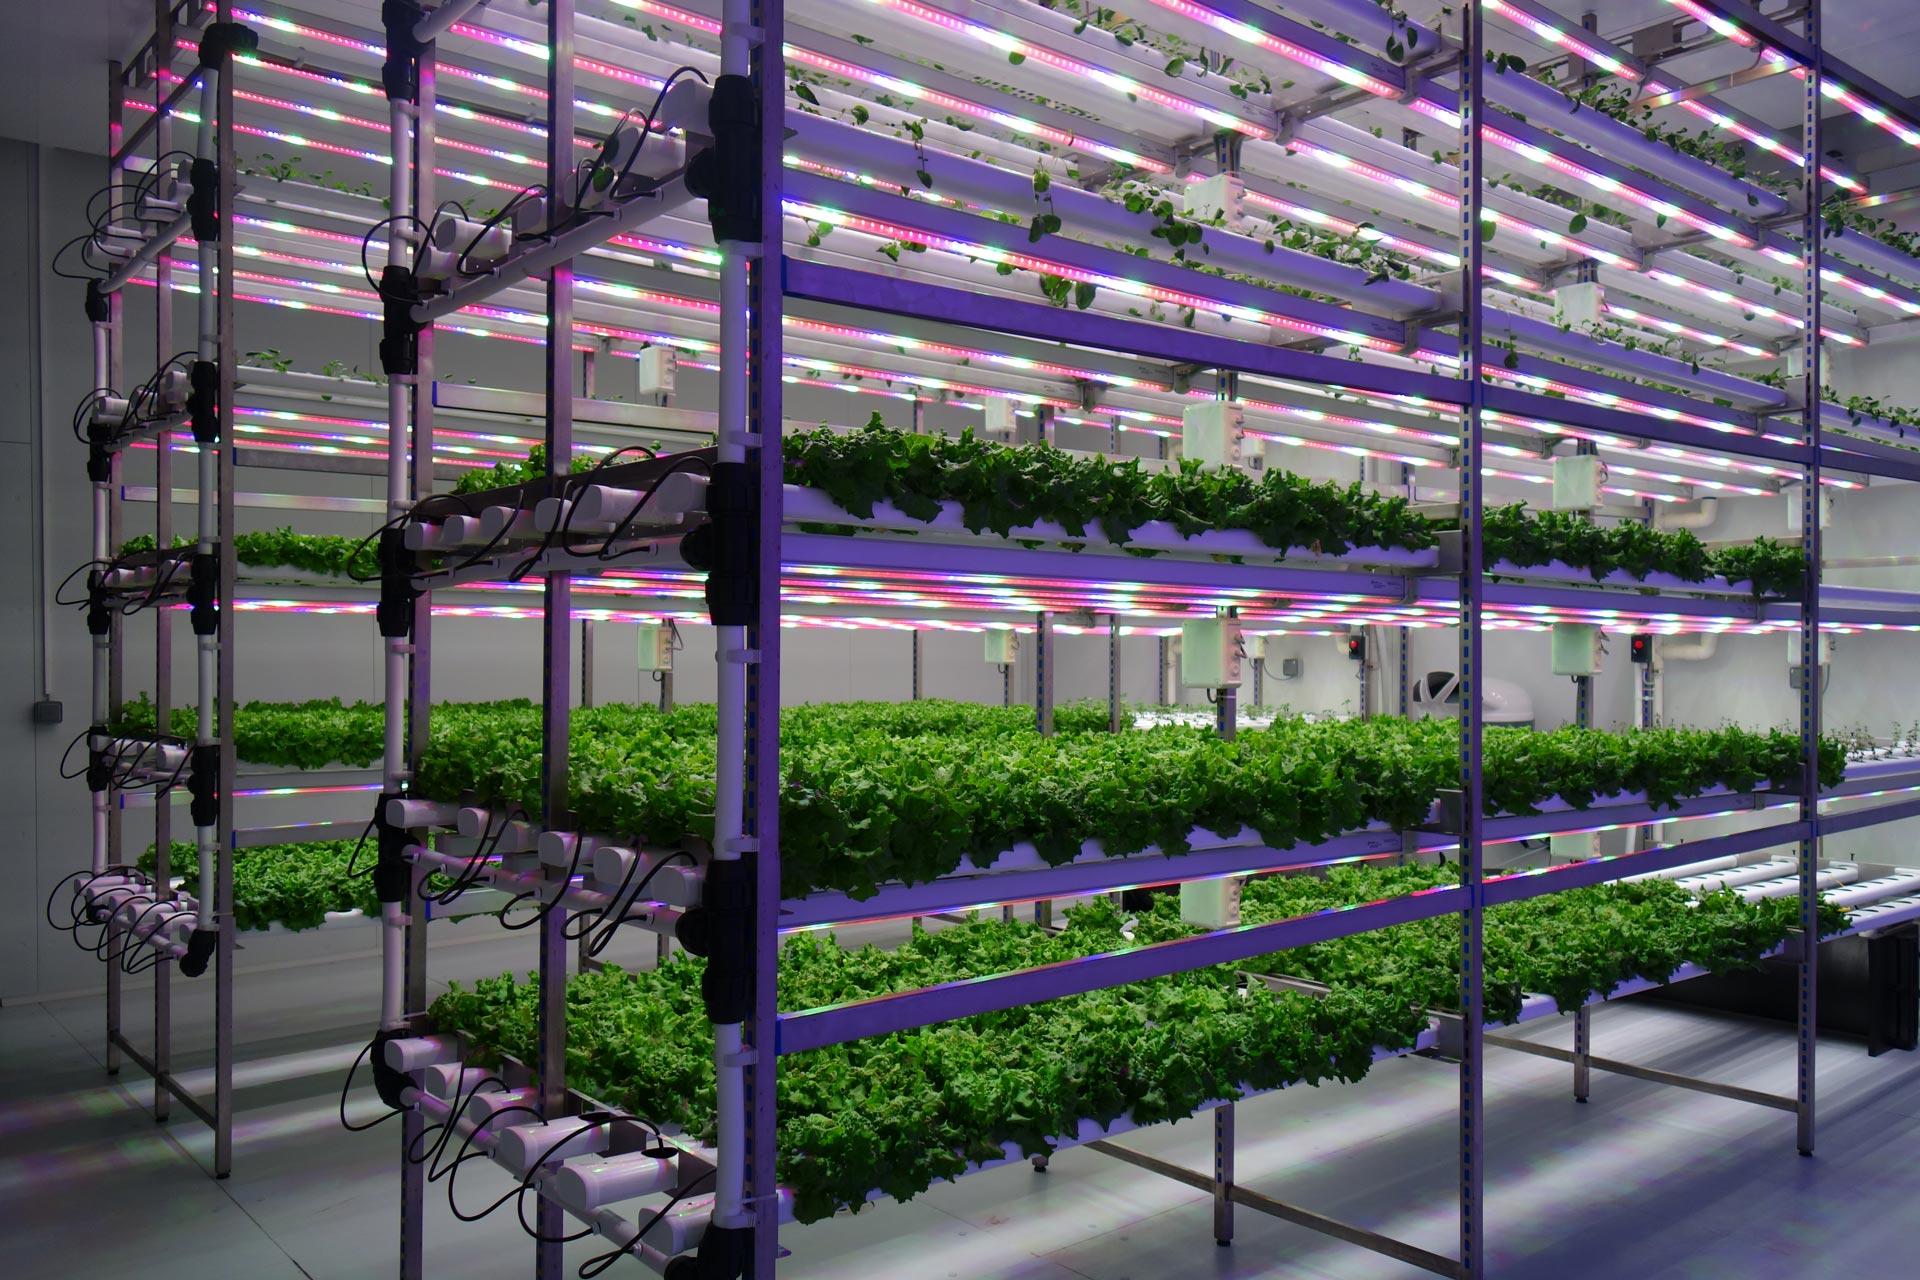 Государственный институт виноградарства и садоводства занимается перспективными концепциями